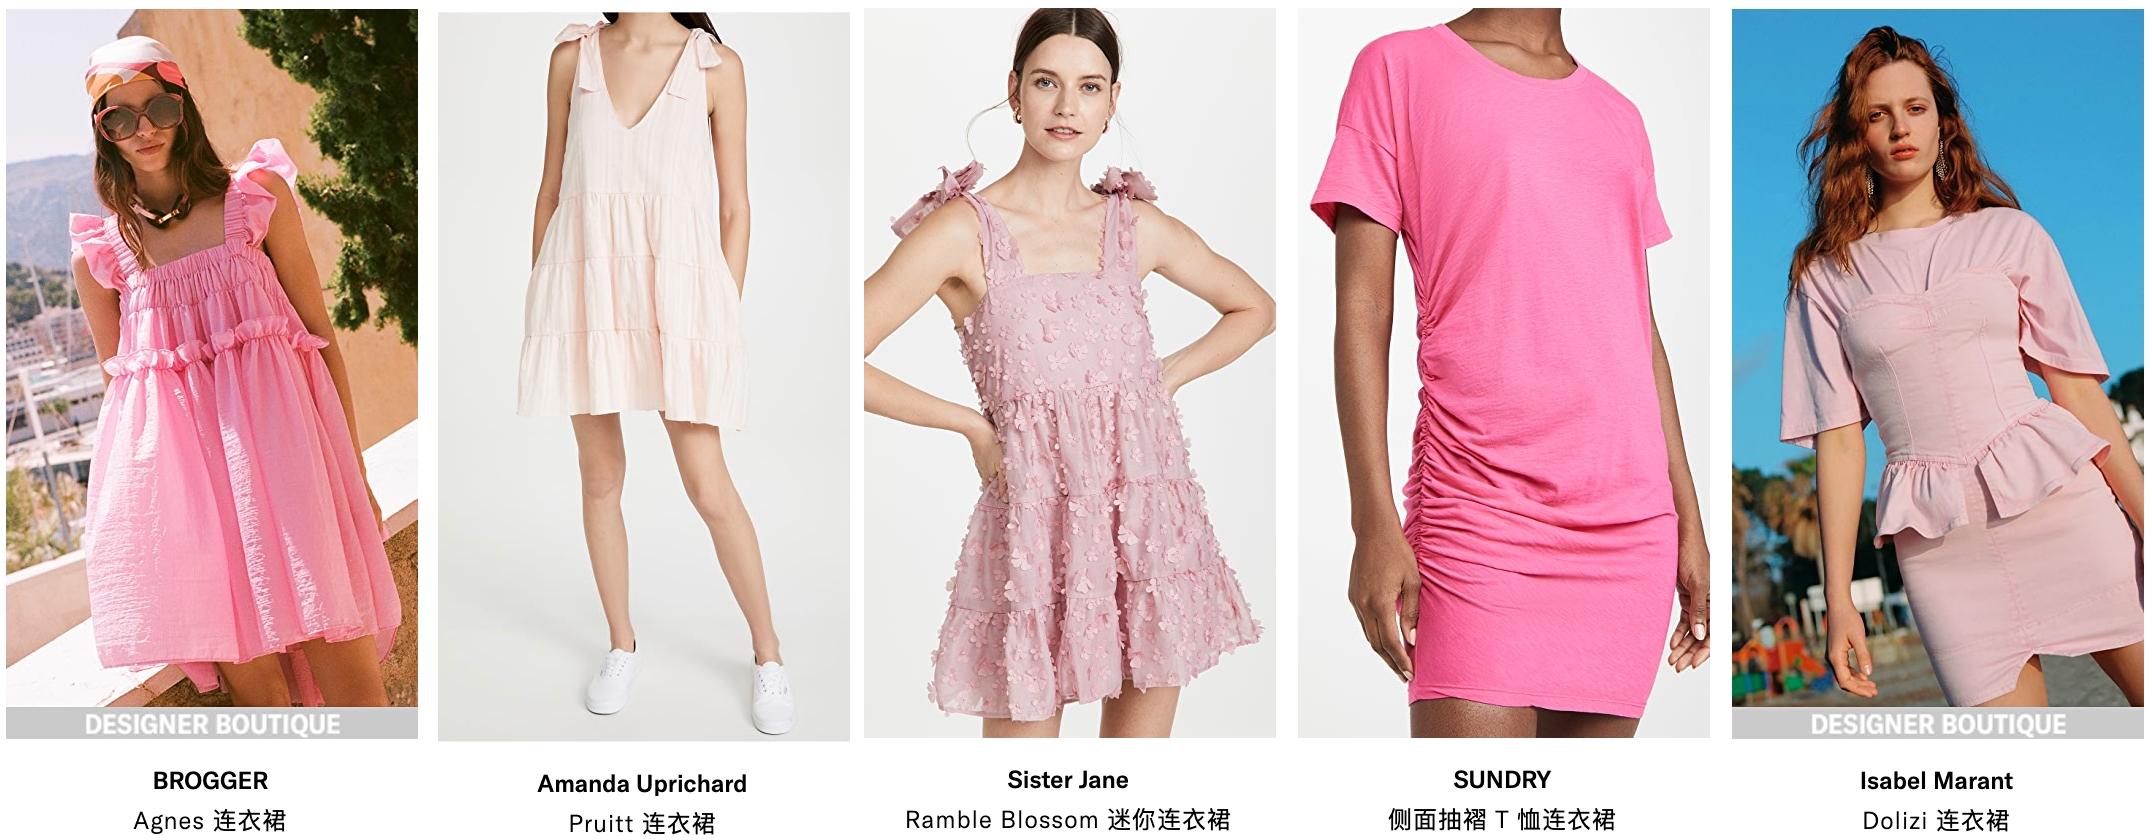 粉色連身裙穿搭